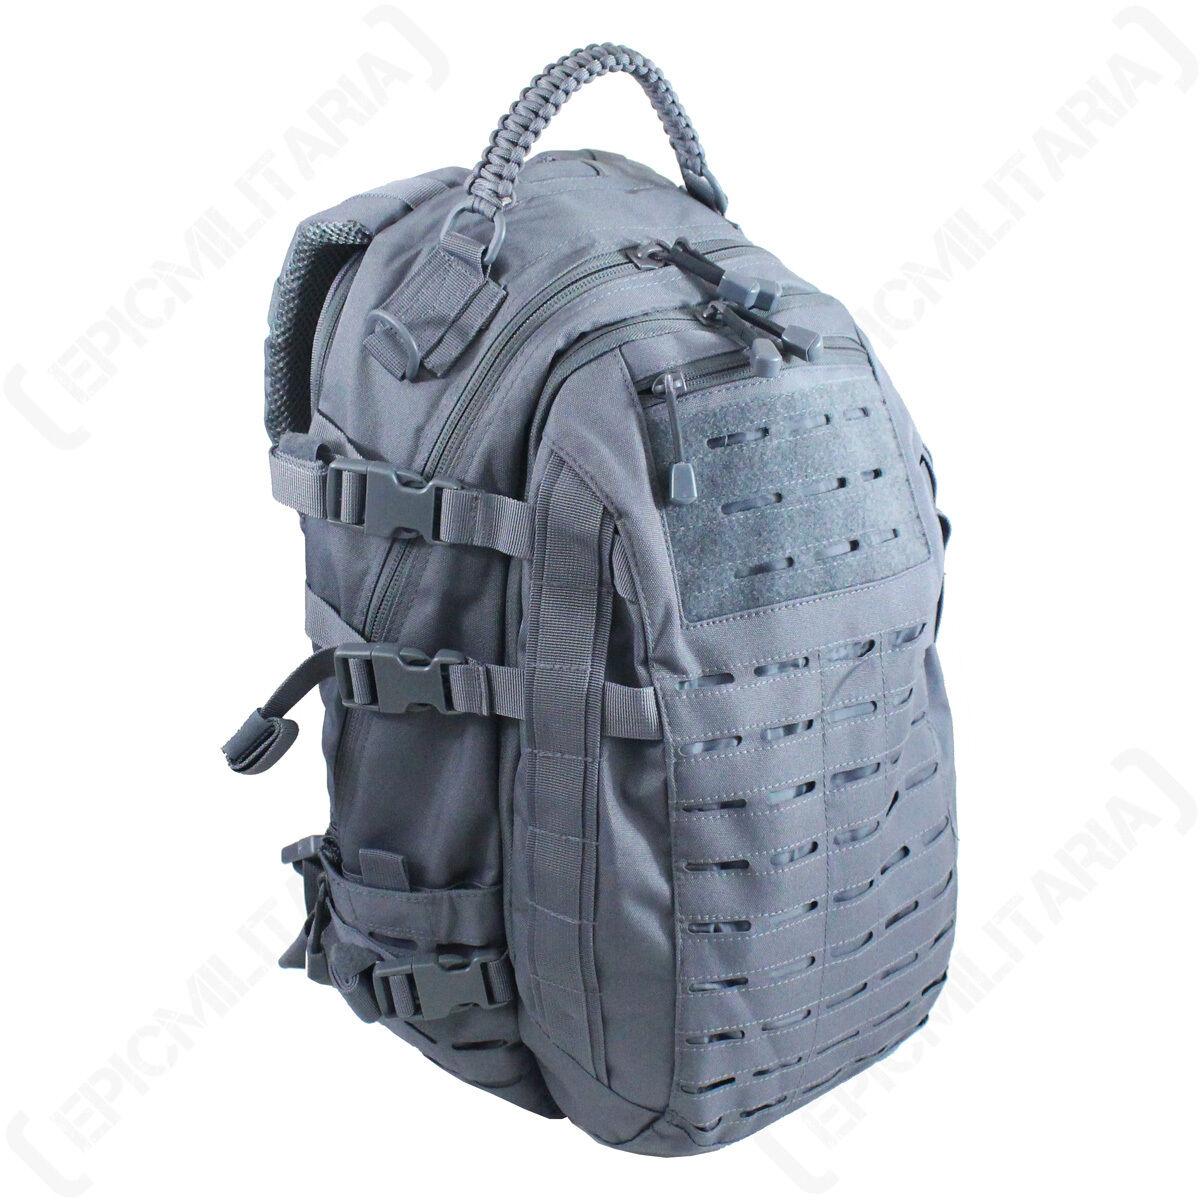 Grau Lasergeschnitten Molle Rucksack 25l groß Assault Paket Rucksack armee